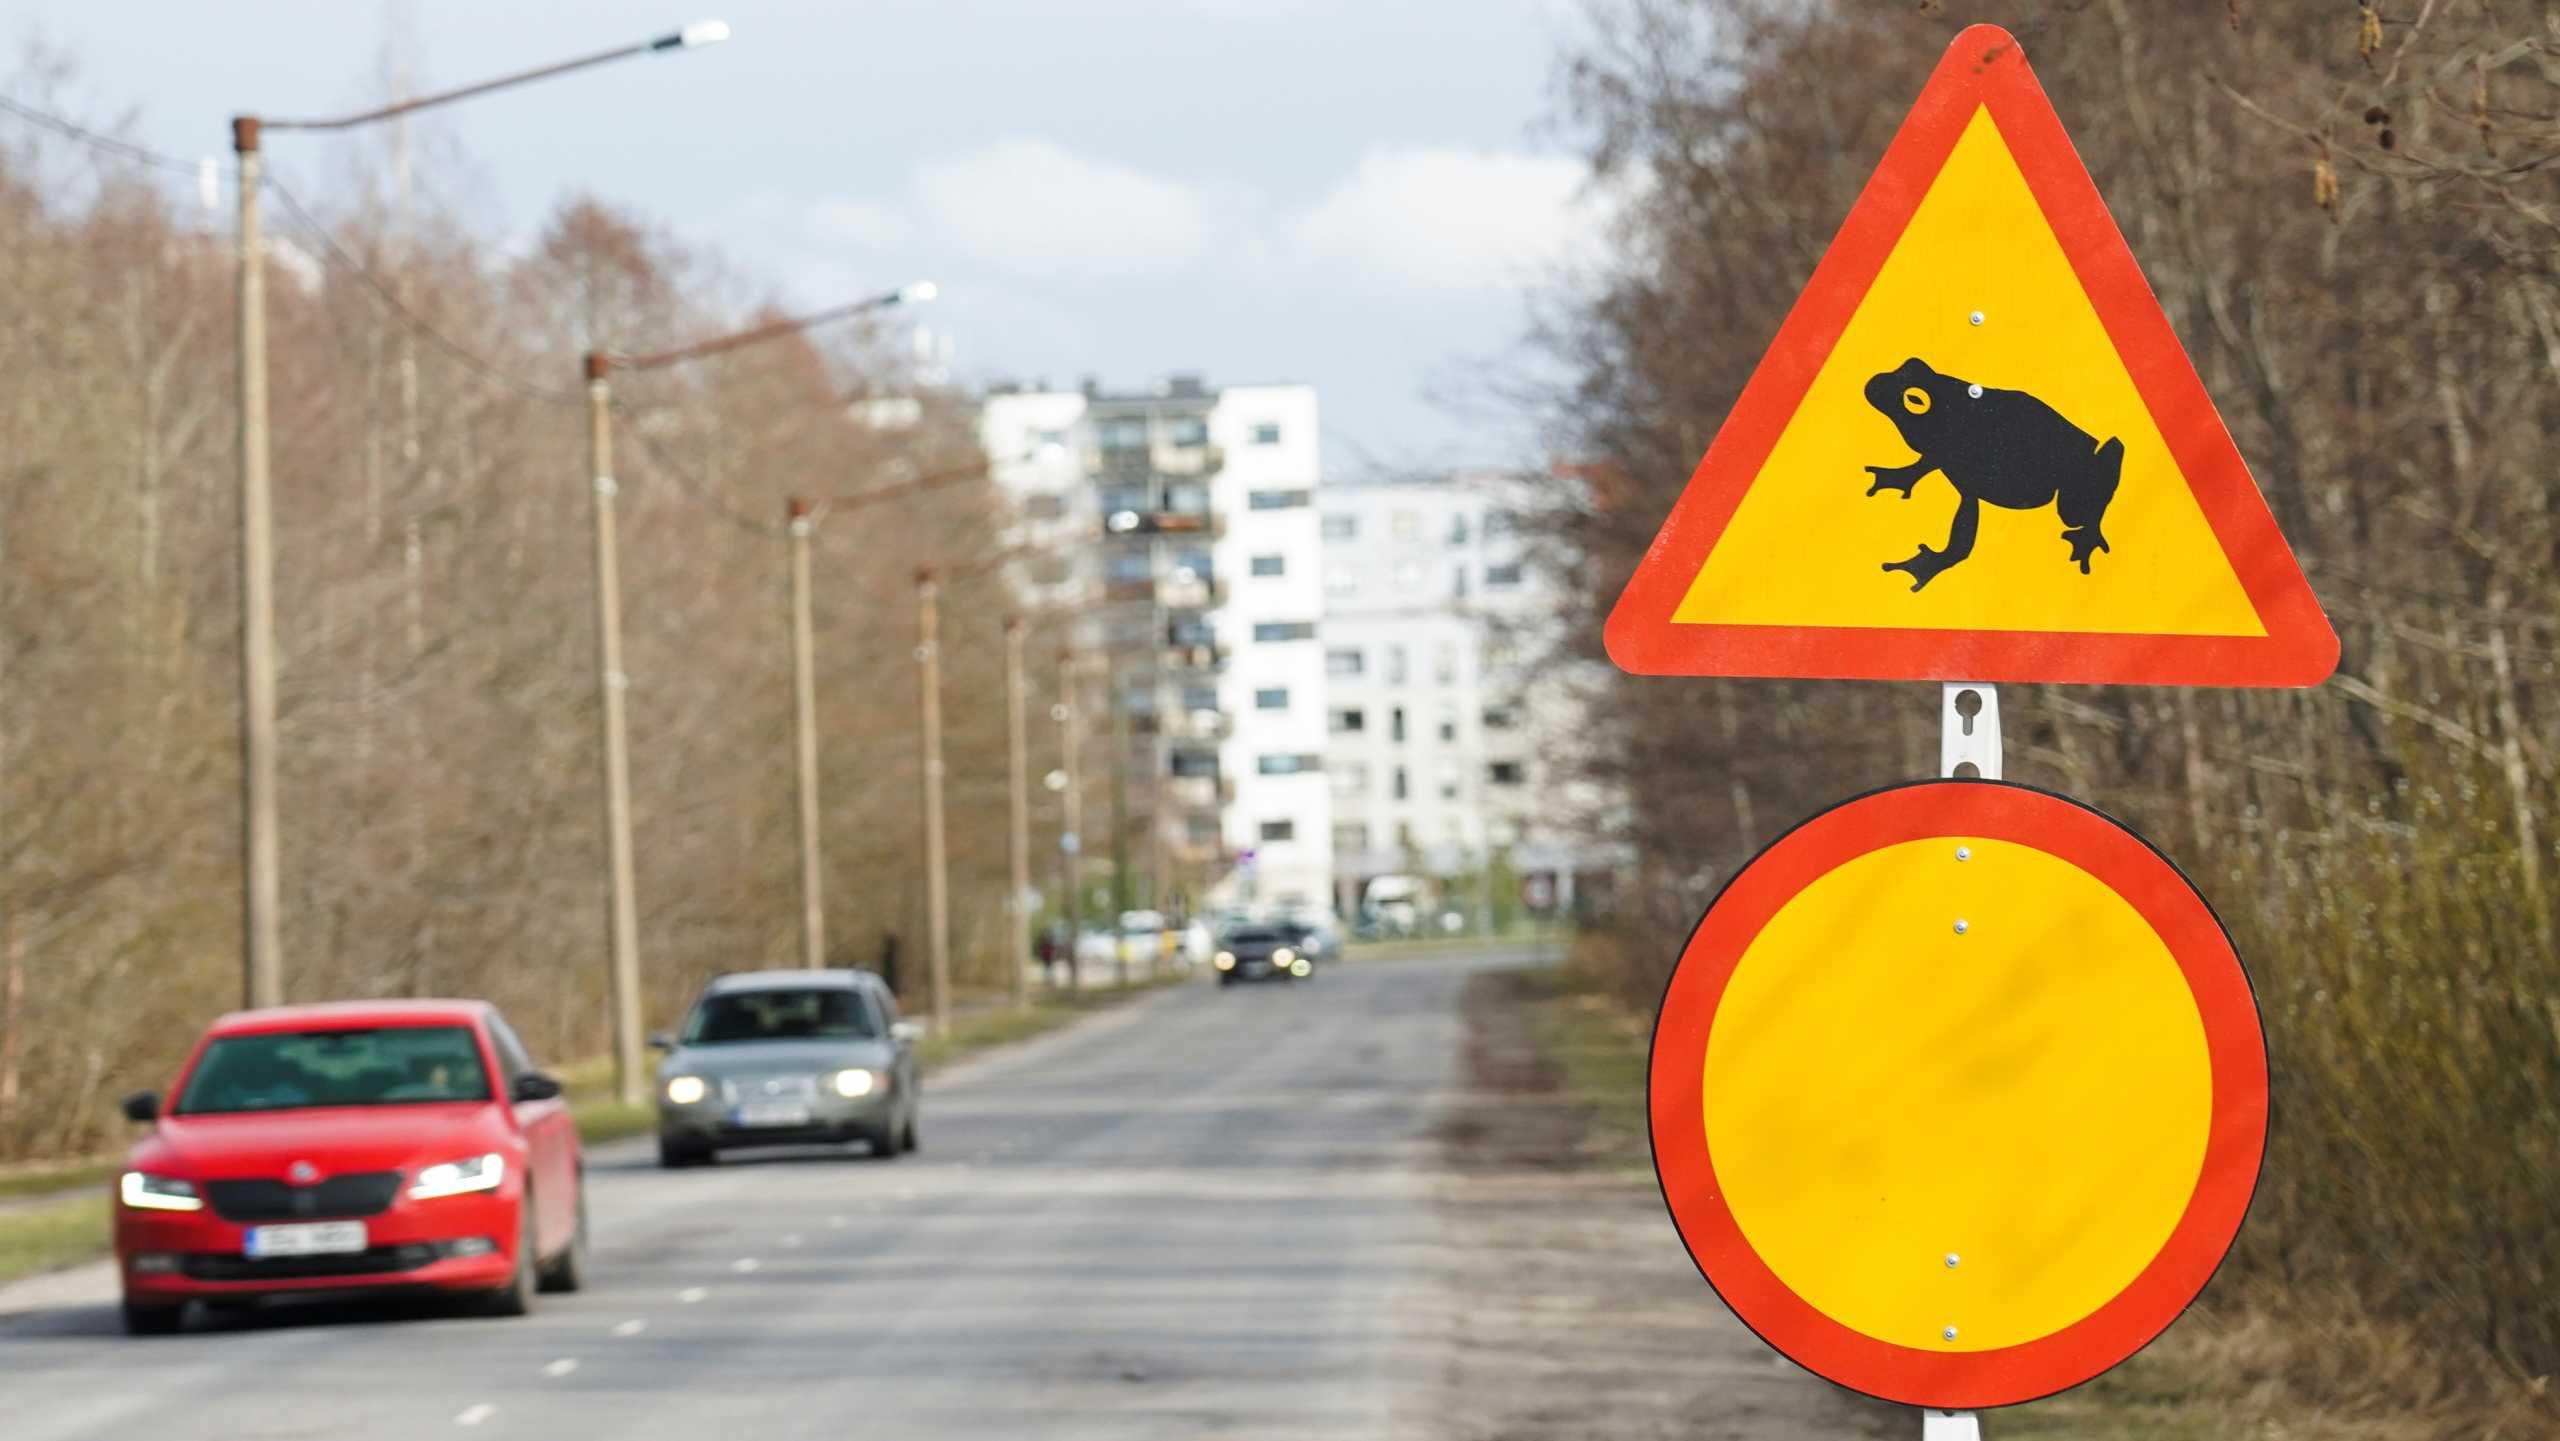 Εσθονία: Κλείνει δρόμος τα βράδια για να περνούν οι βάτραχοι στην άλλη πλευρά και να ζευγαρώσουν (pics,vid)